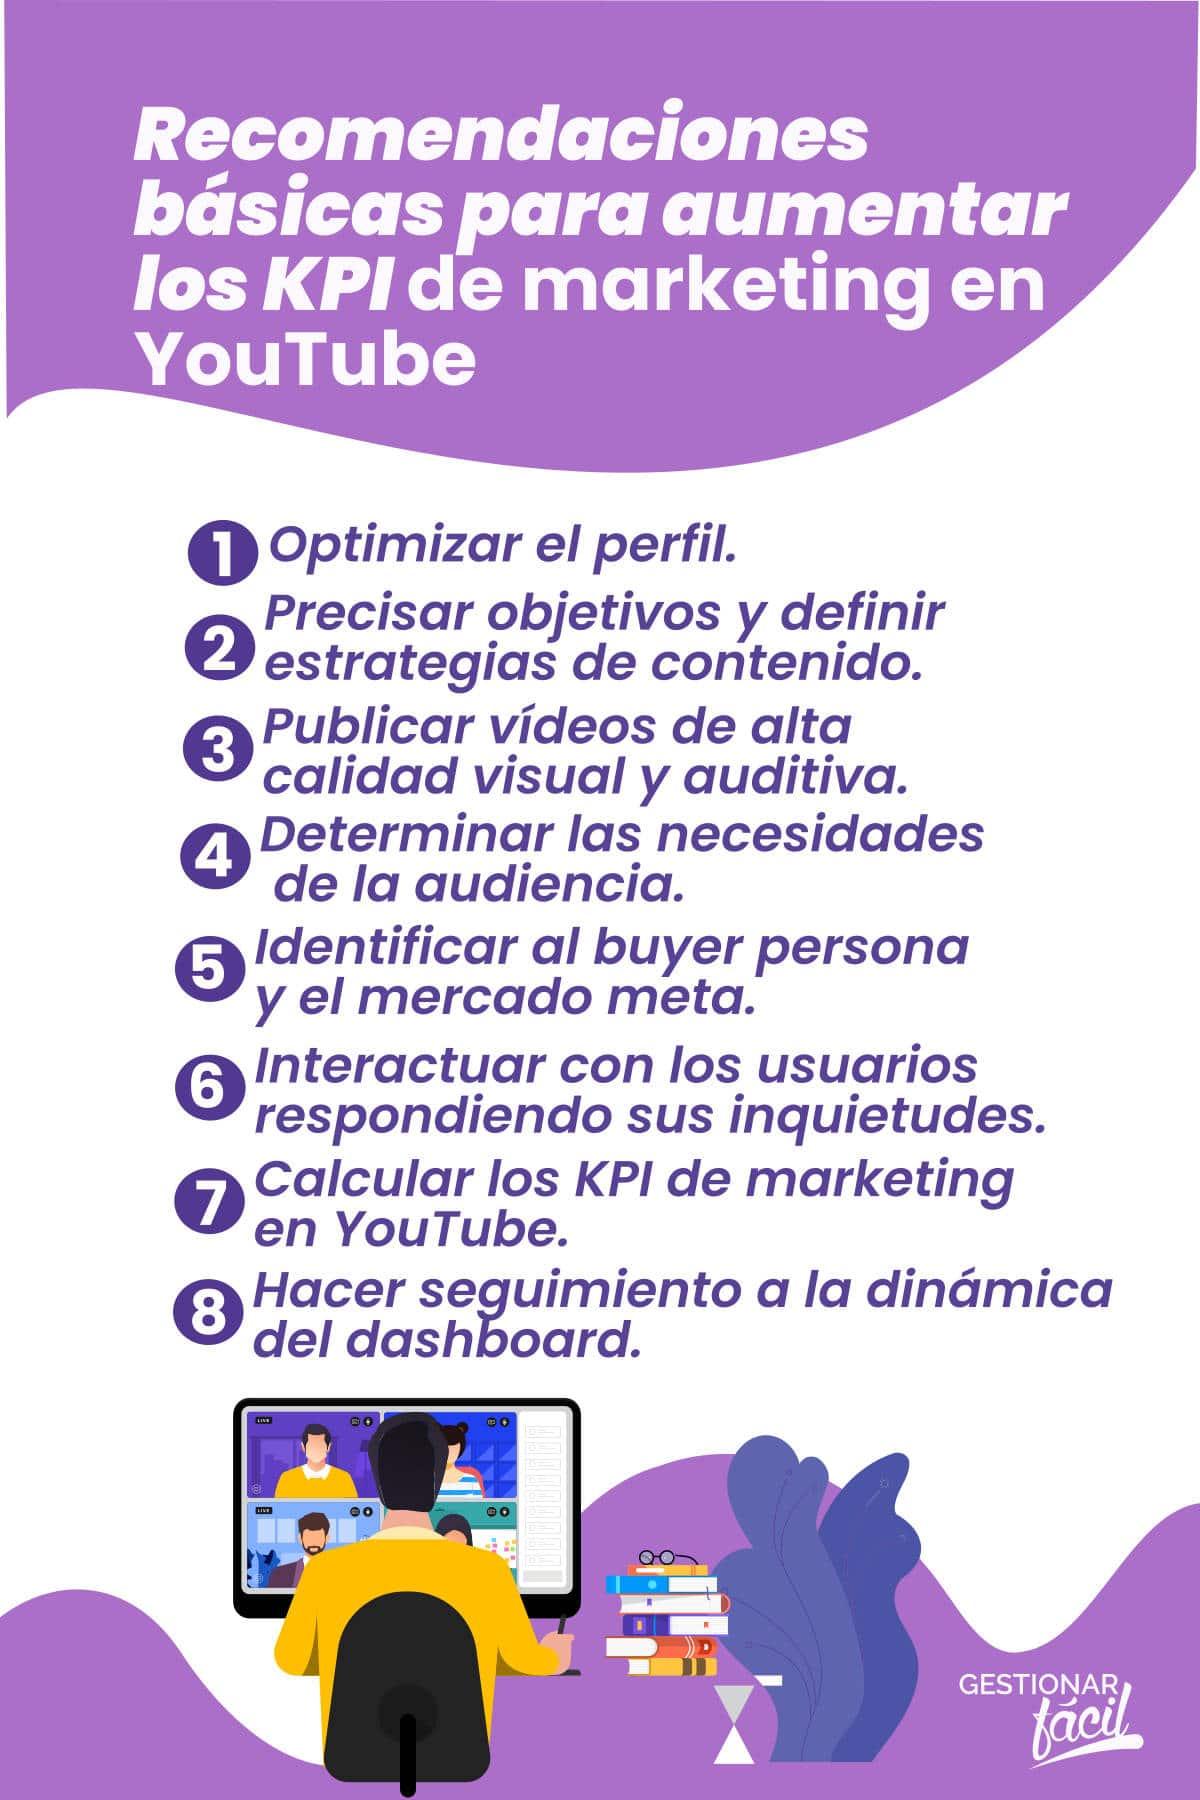 Recomendaciones básicas para aumentar los KPI de marketing en YouTube